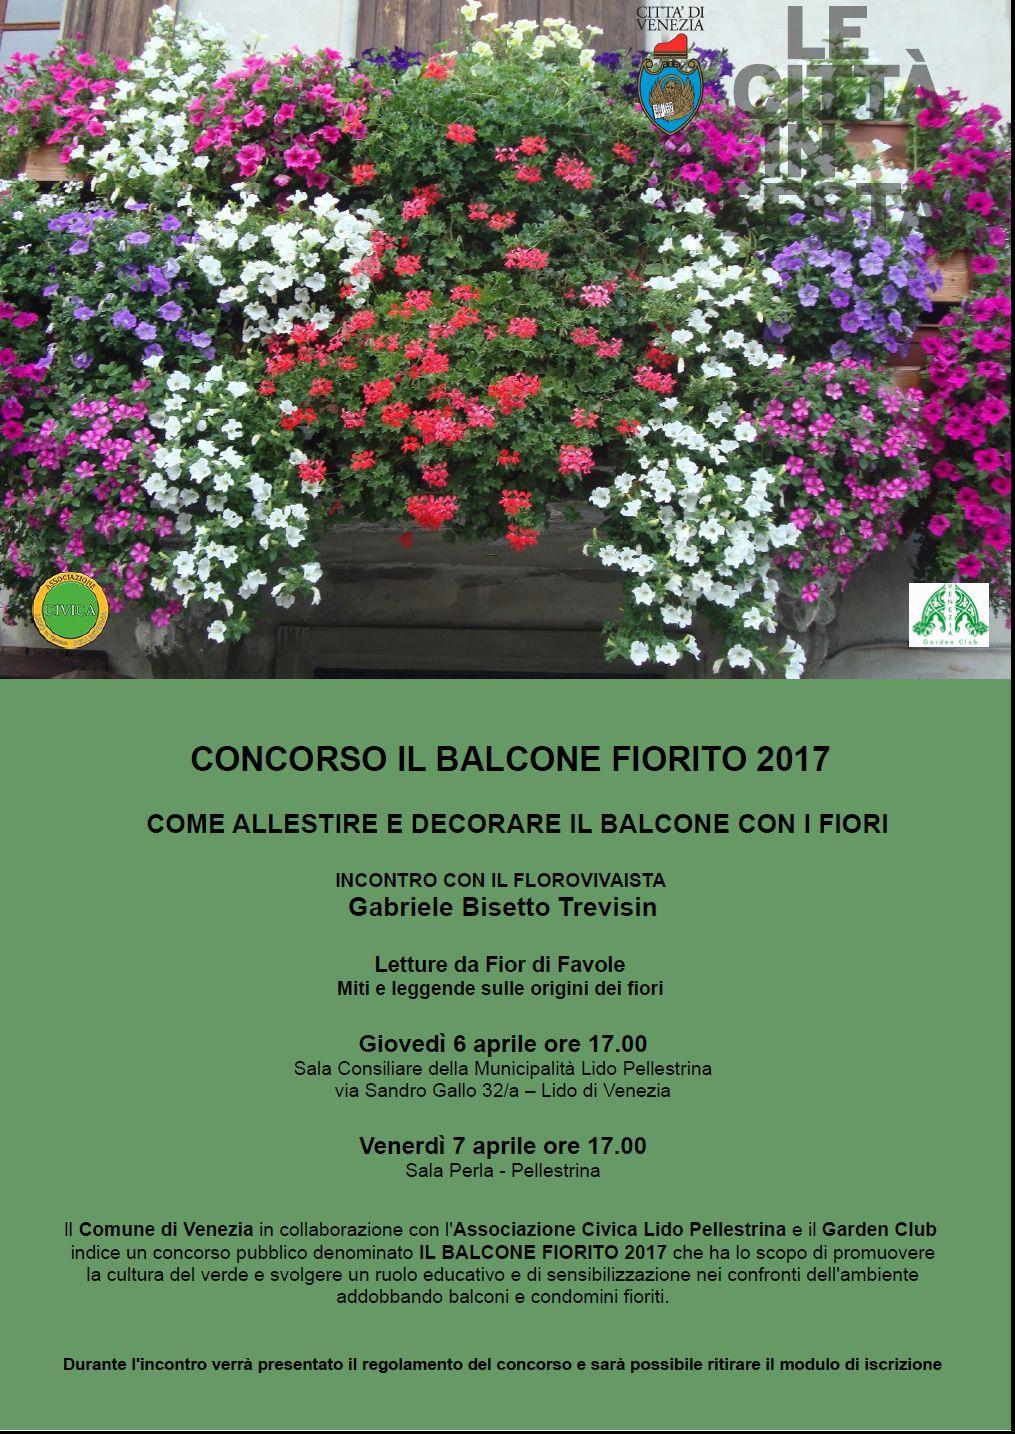 concorso balcone fiorito 2017